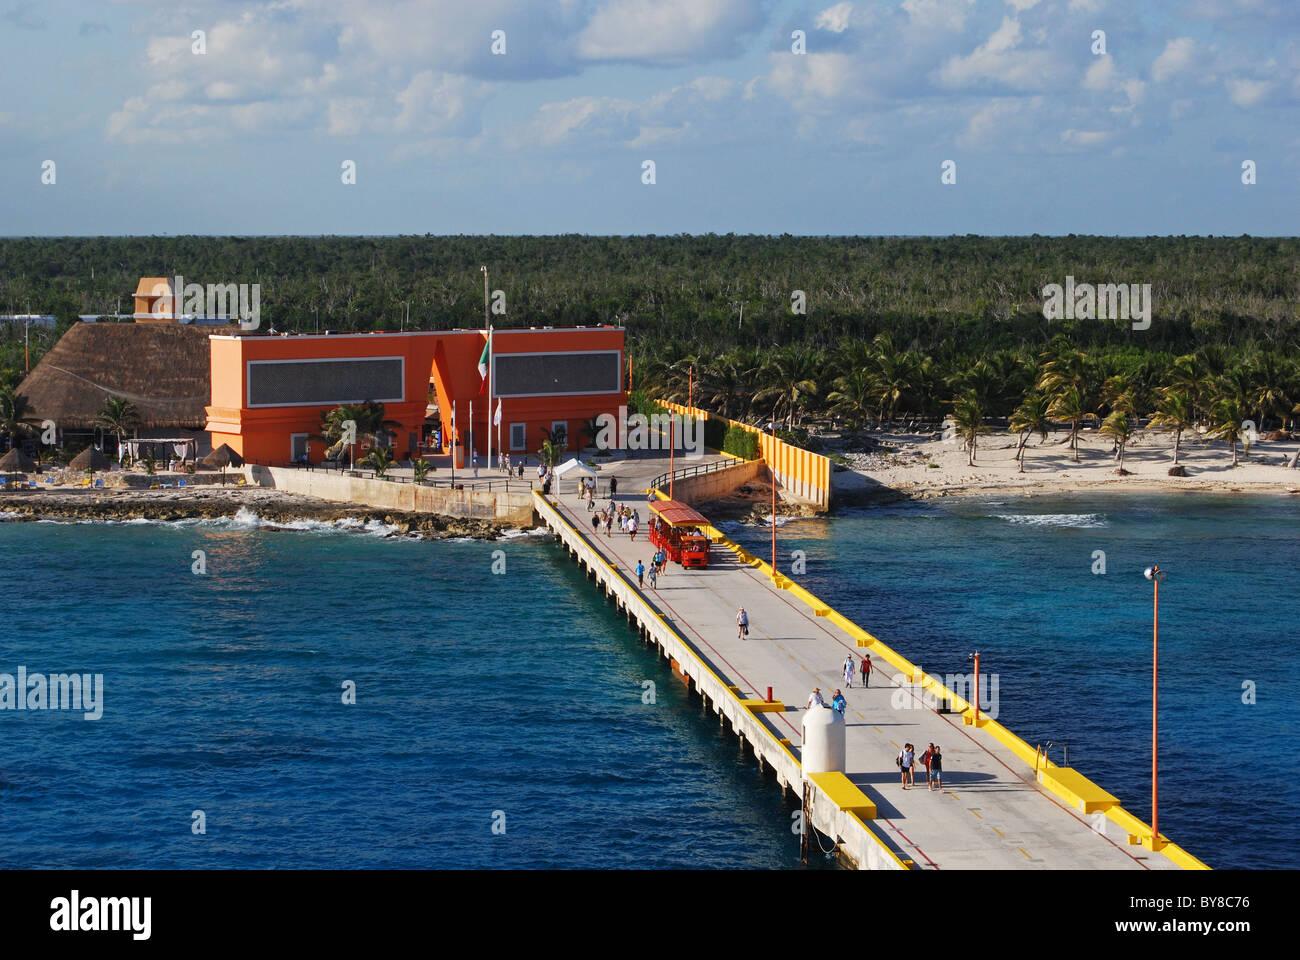 Jetée dans la zone portuaire, Costa Maya, Région de l'Est du Sud, le Mexique, les Caraïbes. Banque D'Images